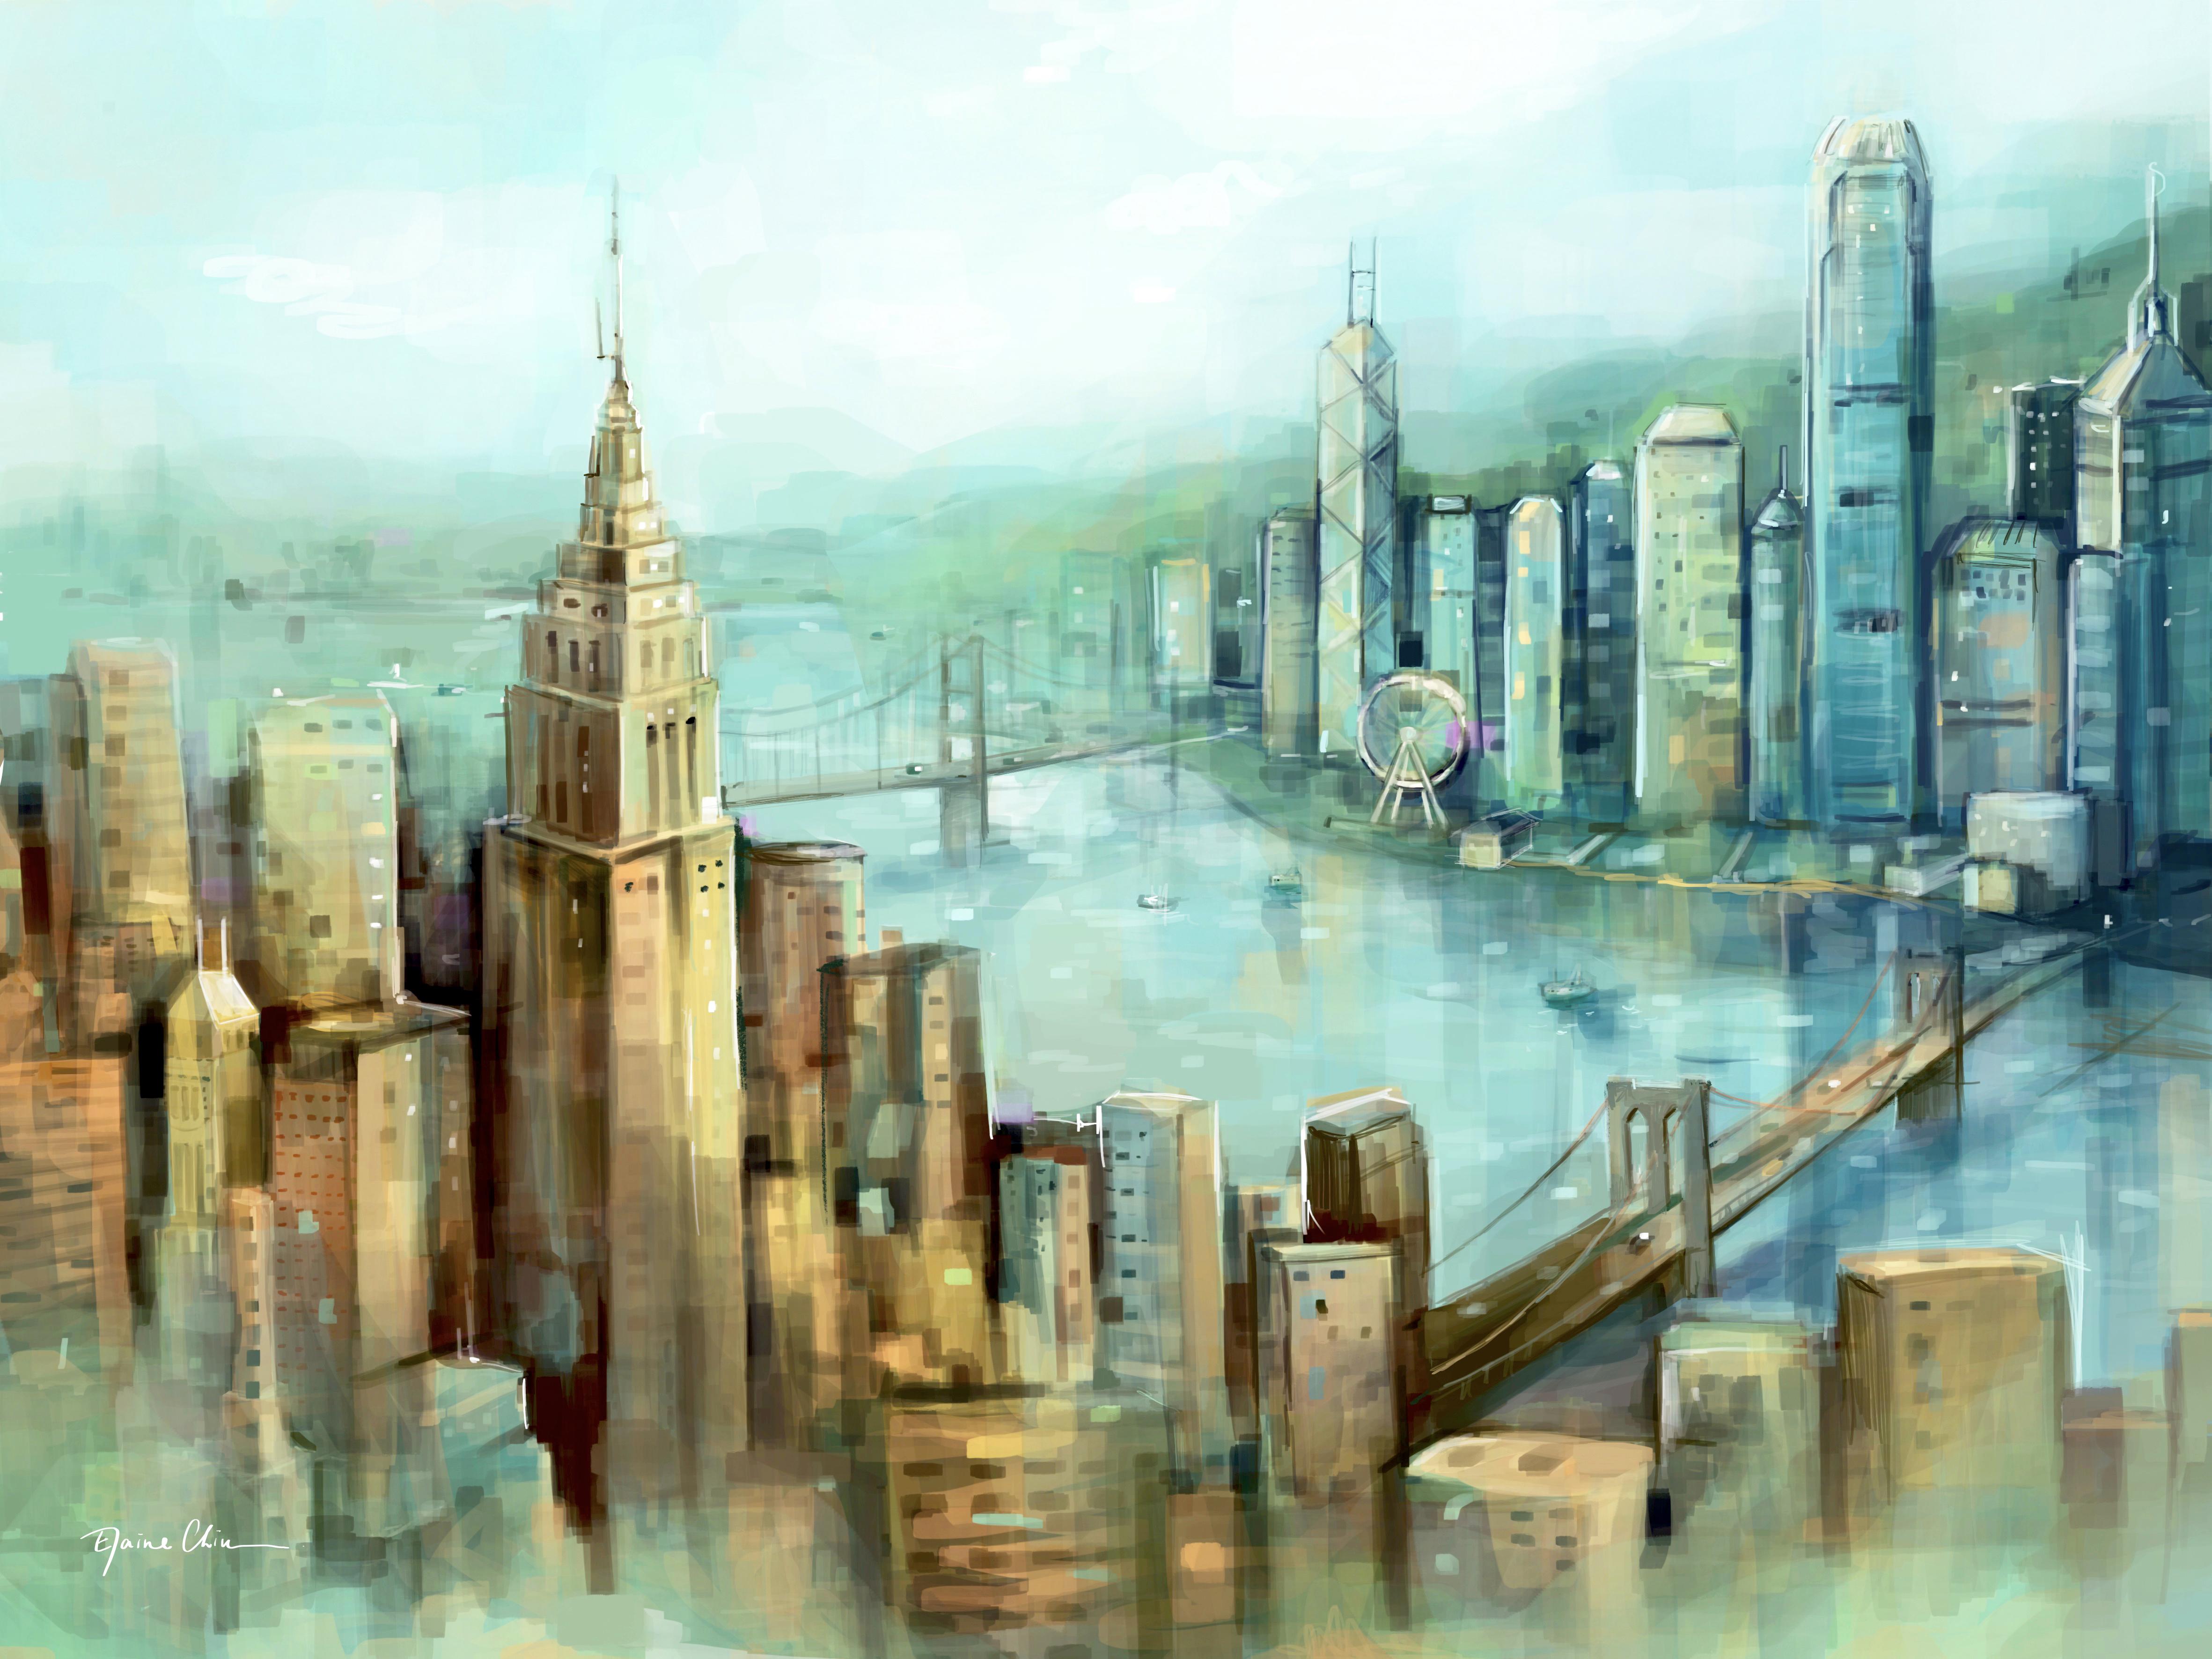 Elaine Chiu's Art | Hong Kong x NYC Cale